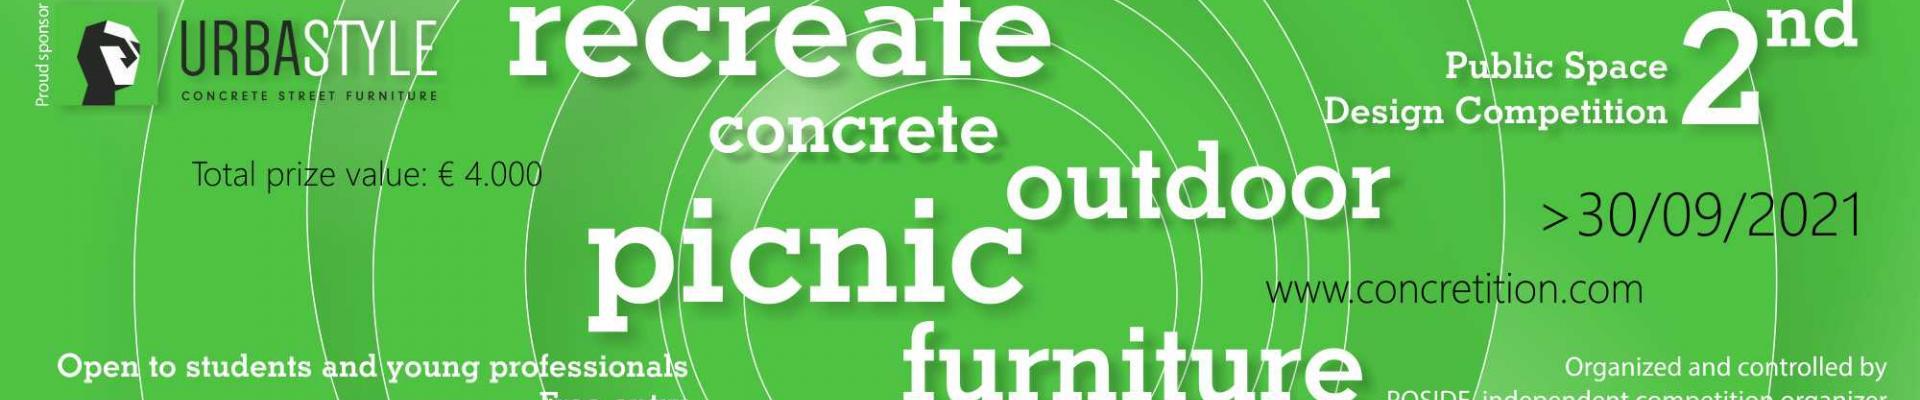 CONCRETITION DESIGN - Public Space Design Competition